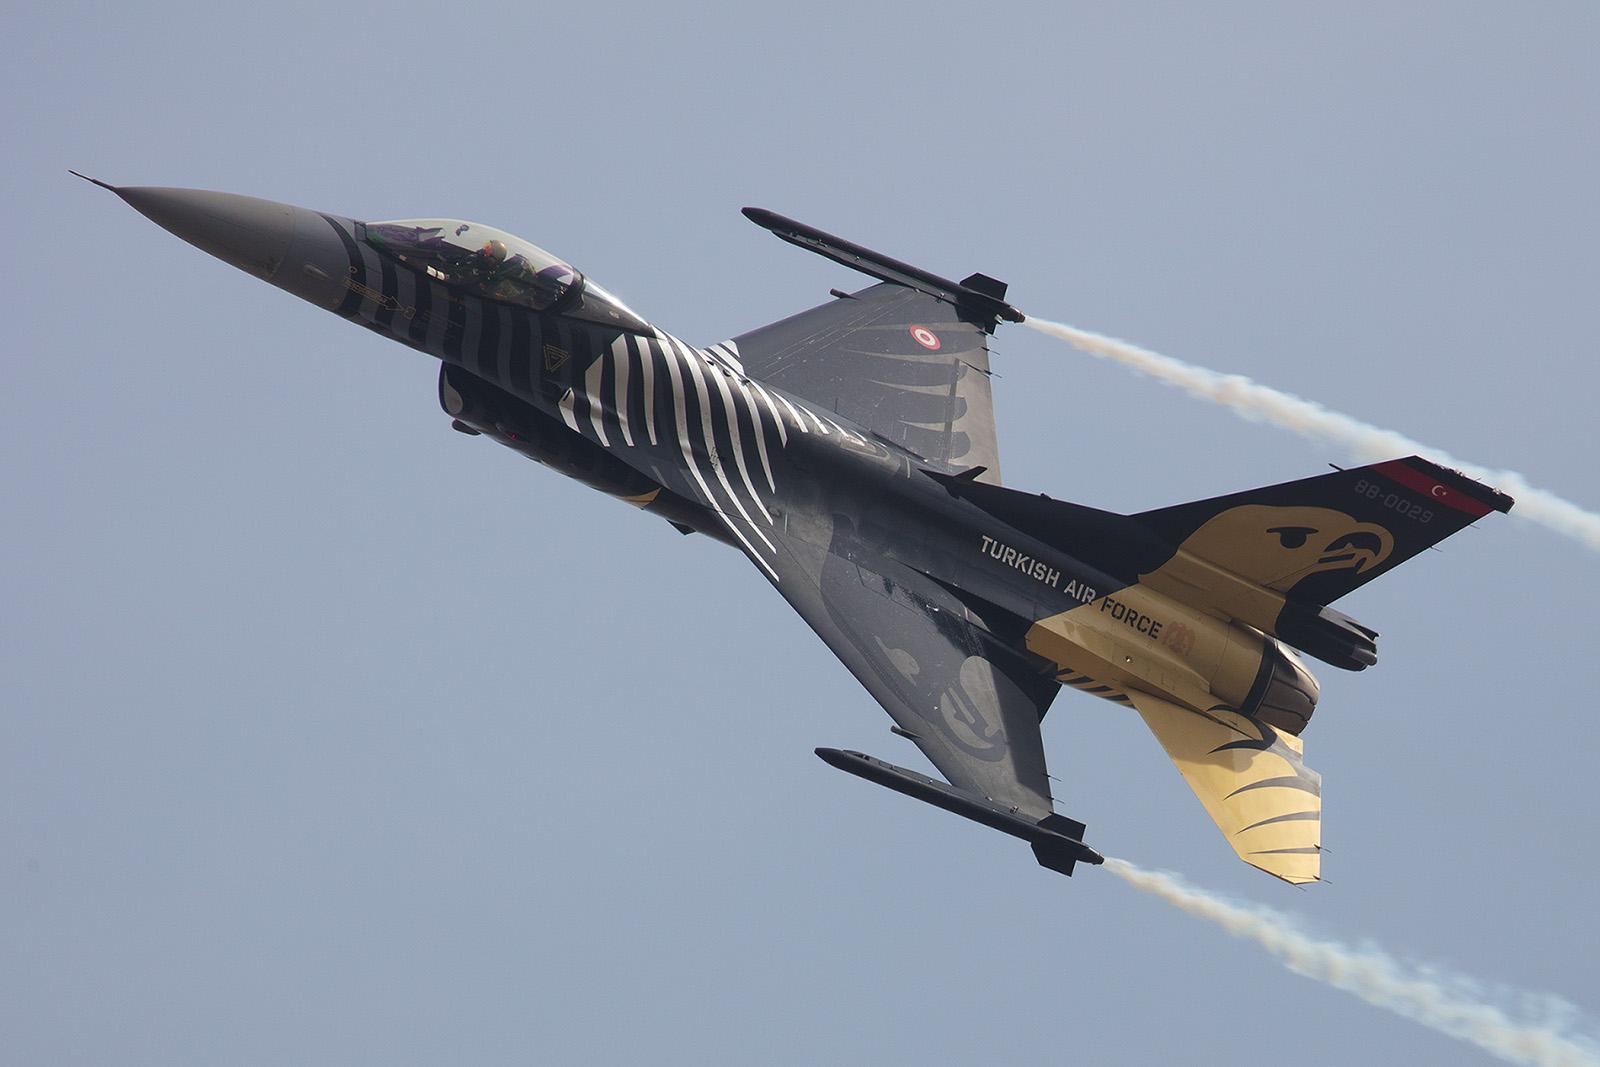 F-16 Solodisplay aus der Türkei.